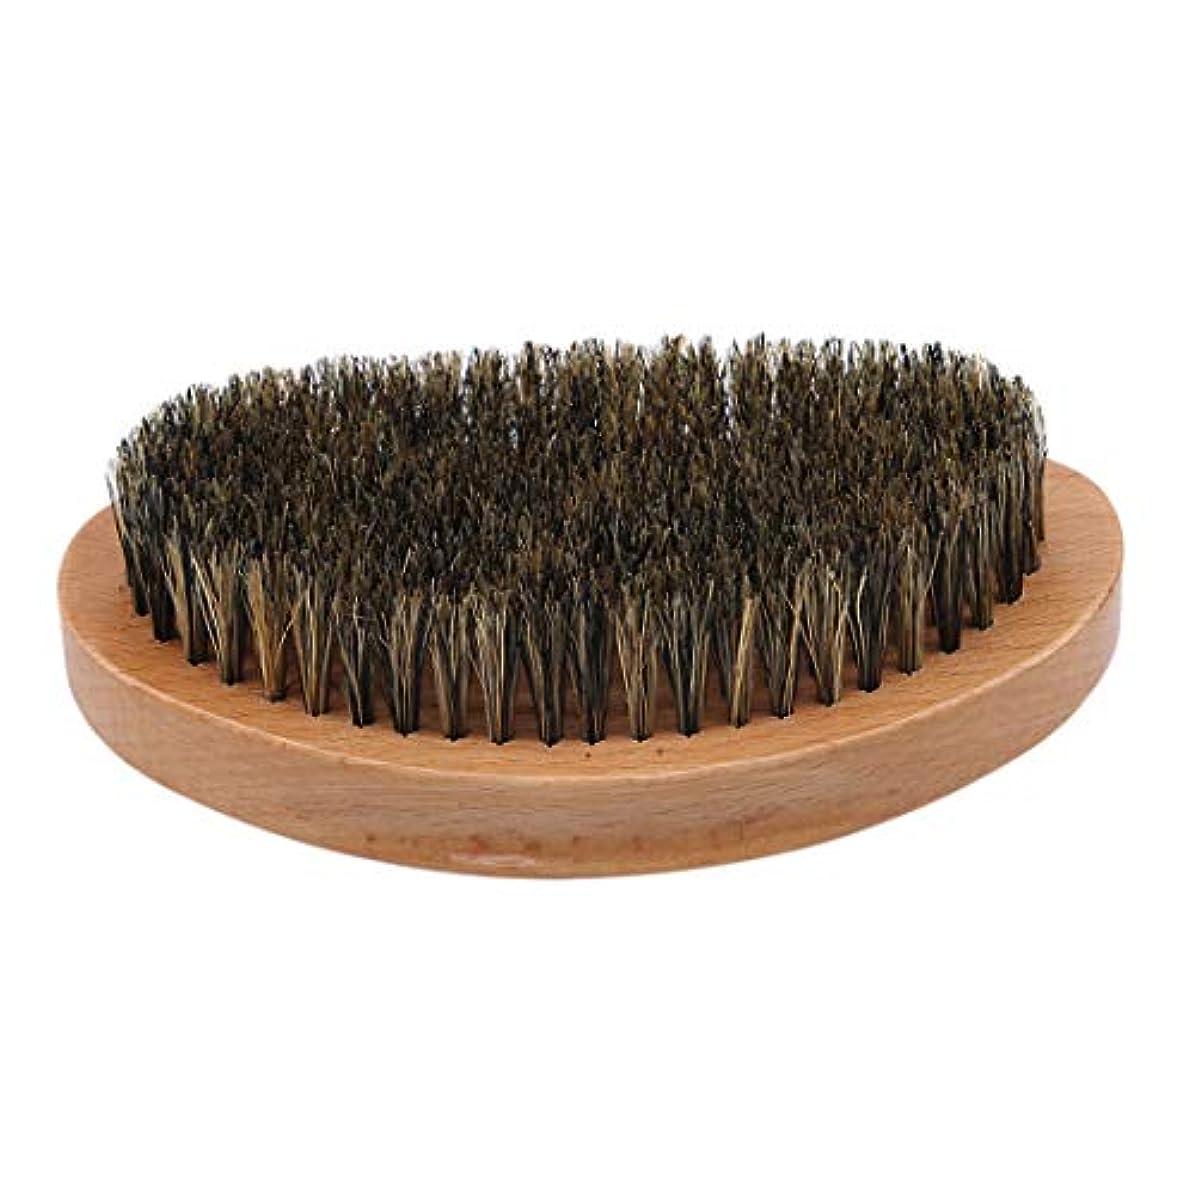 トピックパック食べるKLUMA ひげブラシ シェービングブラシ 髭剃り 毛髭ブラシ 泡立ち 理容 美容ツール 旅行用 1#